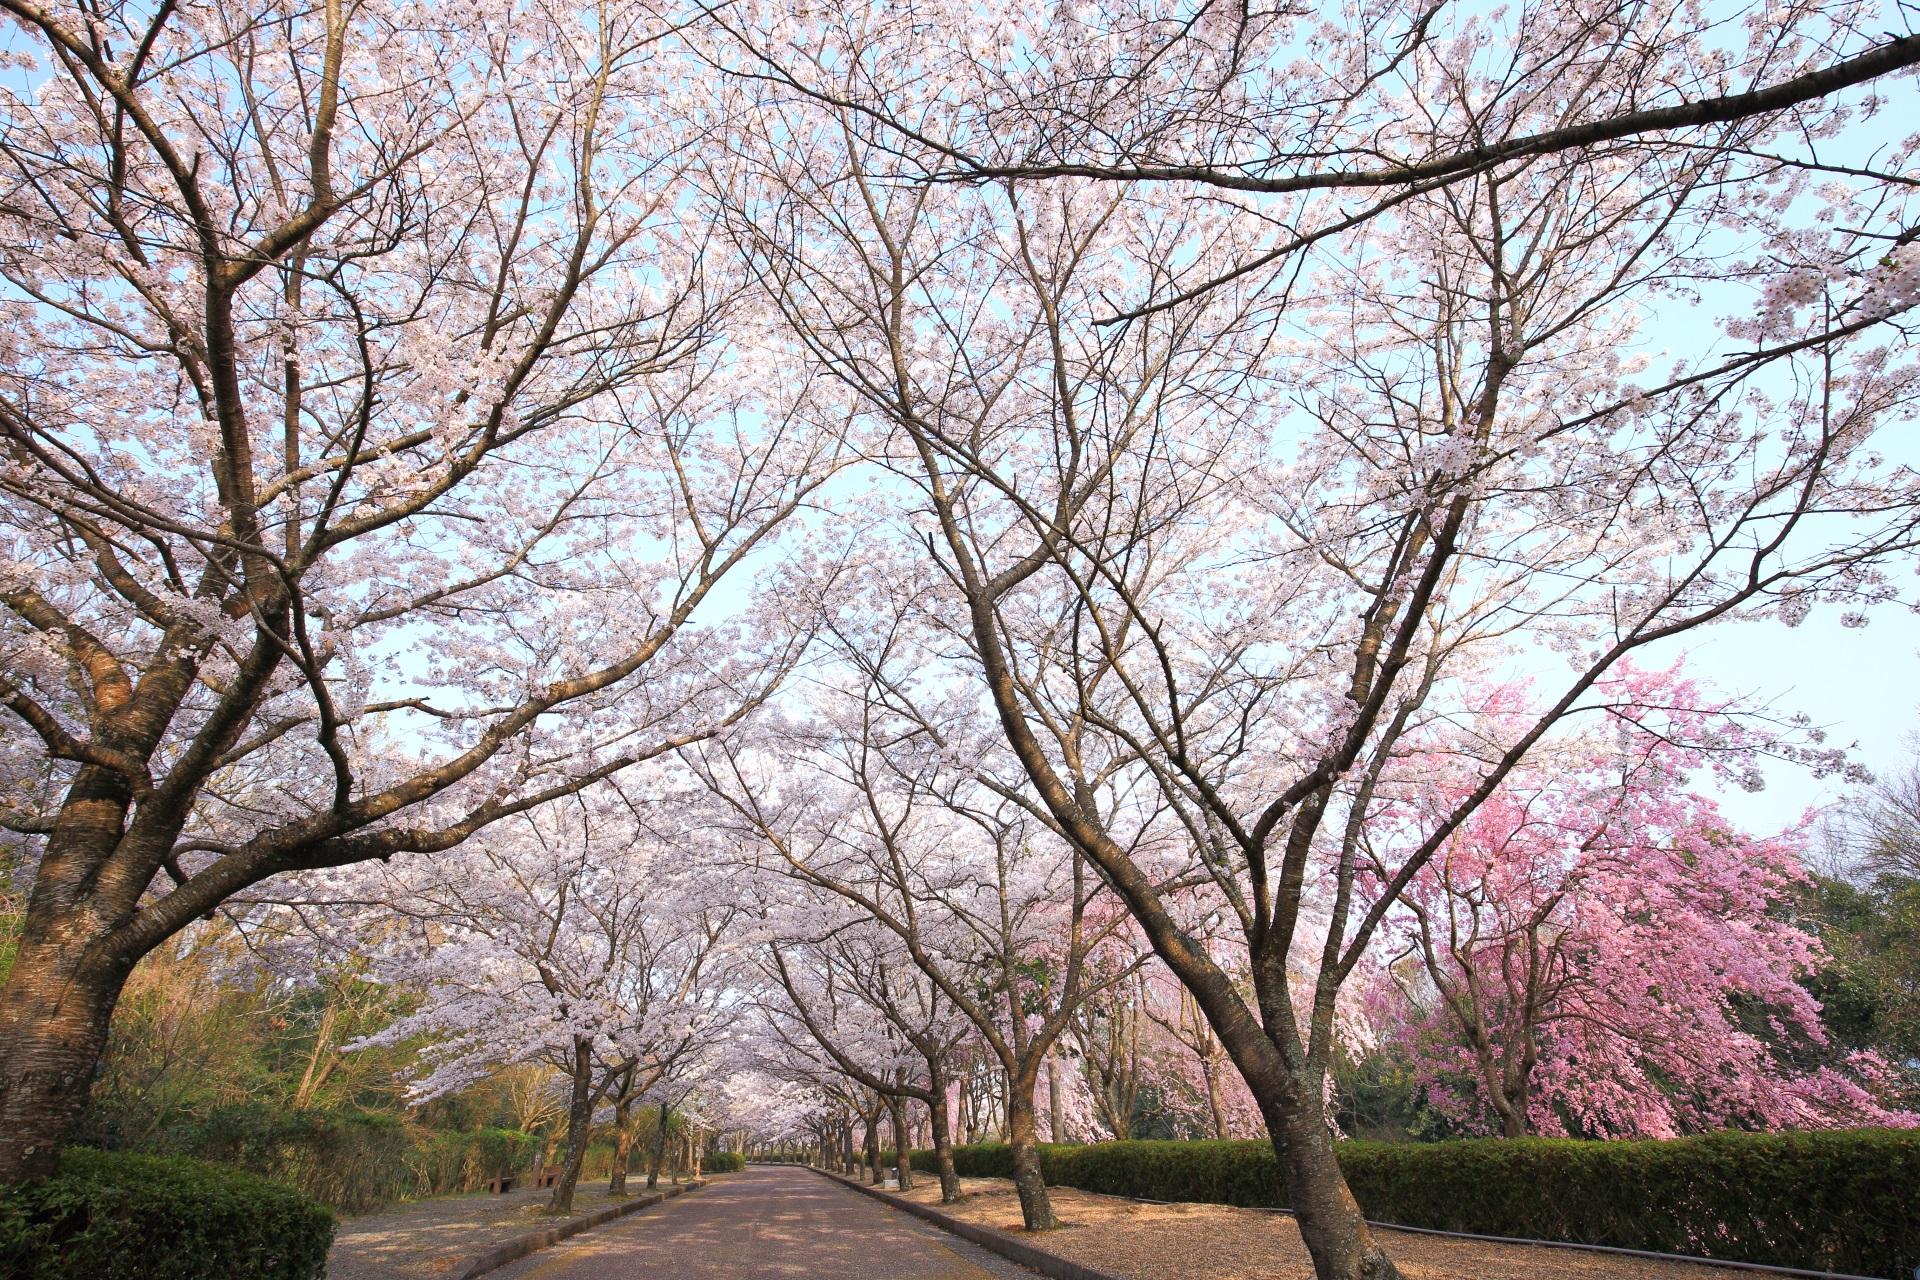 和らぎの道の極上の桜のトンネル